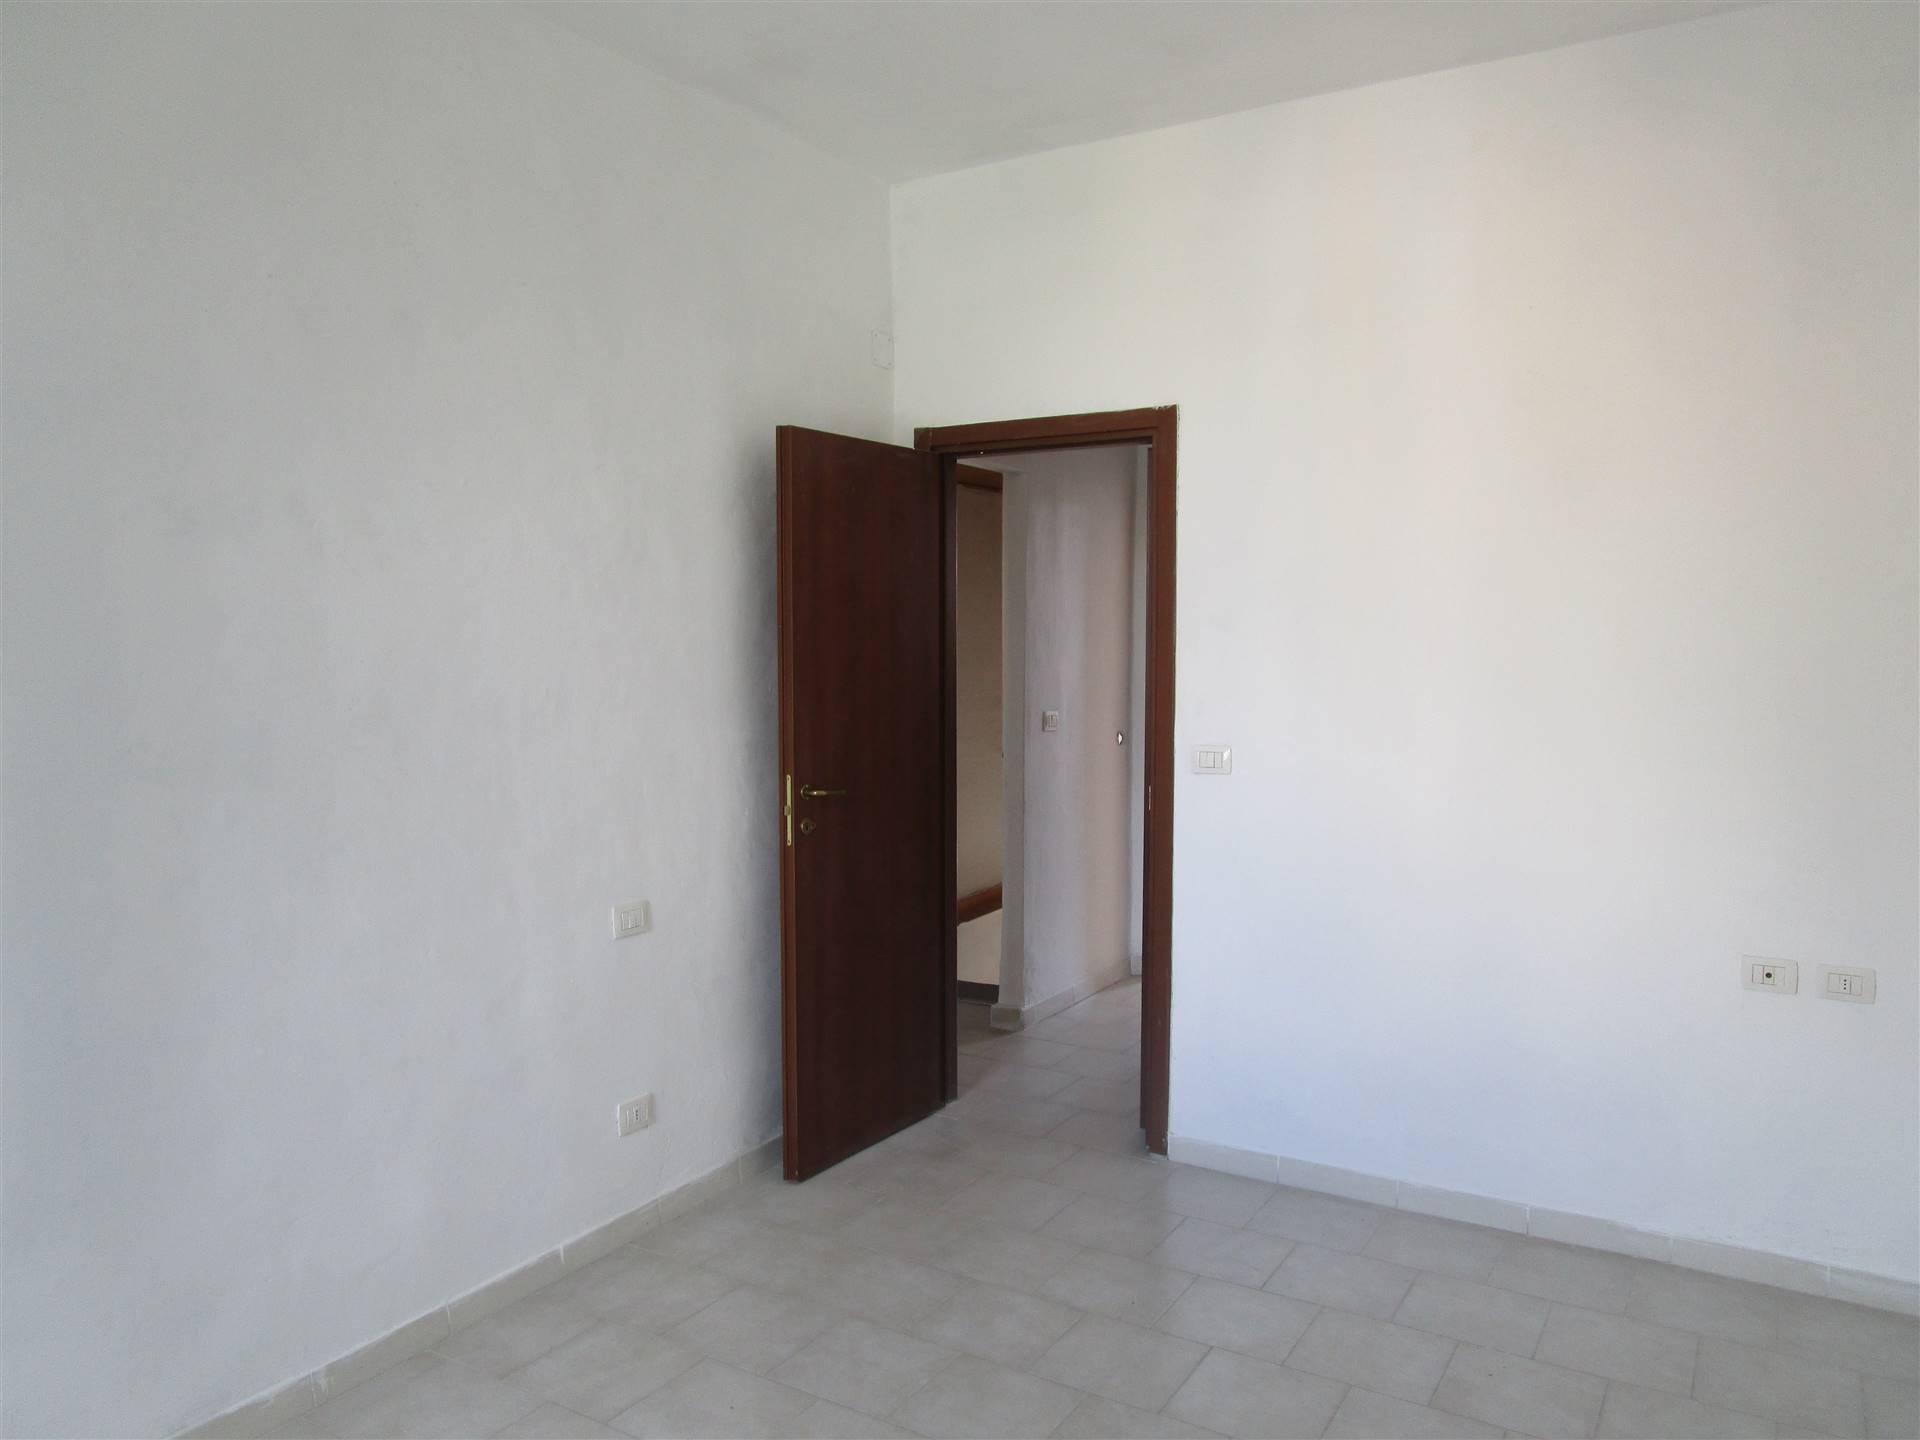 Appartamento in Vendita a Campi bisenzio zona San lorenzo - immagine 9